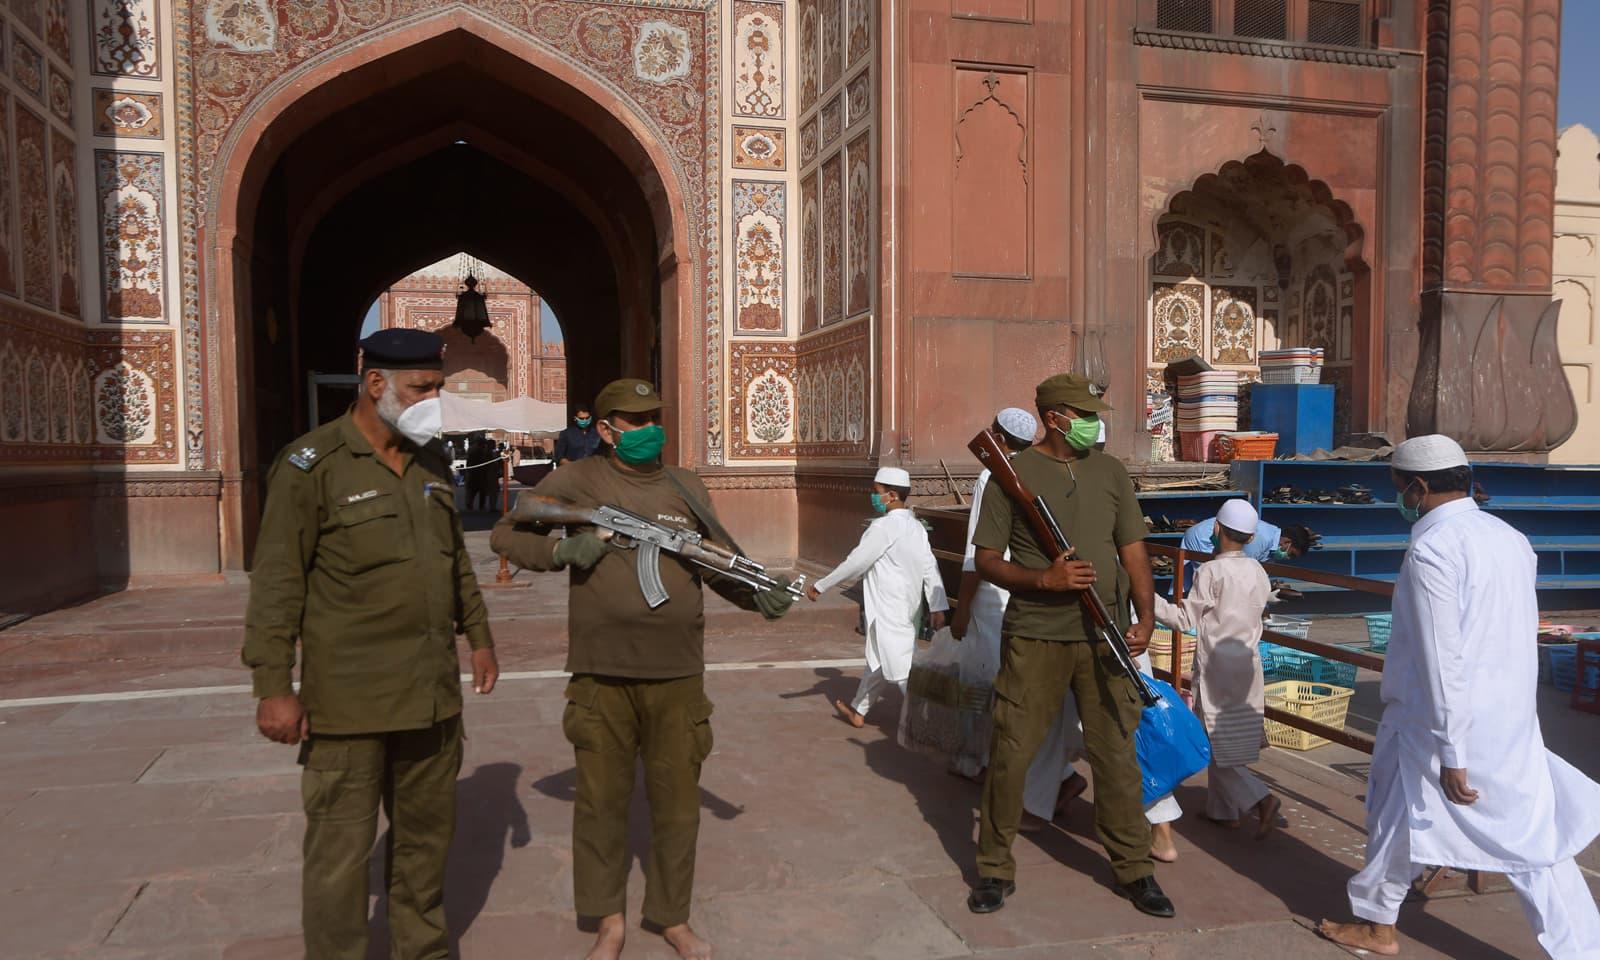 تاریخی بادشاہی مسجد کے بعد باہر عیدالفطر کی نماز سے قبل پولیس اہلکار چوکس کھڑے ہیں — فوٹو: اے پی